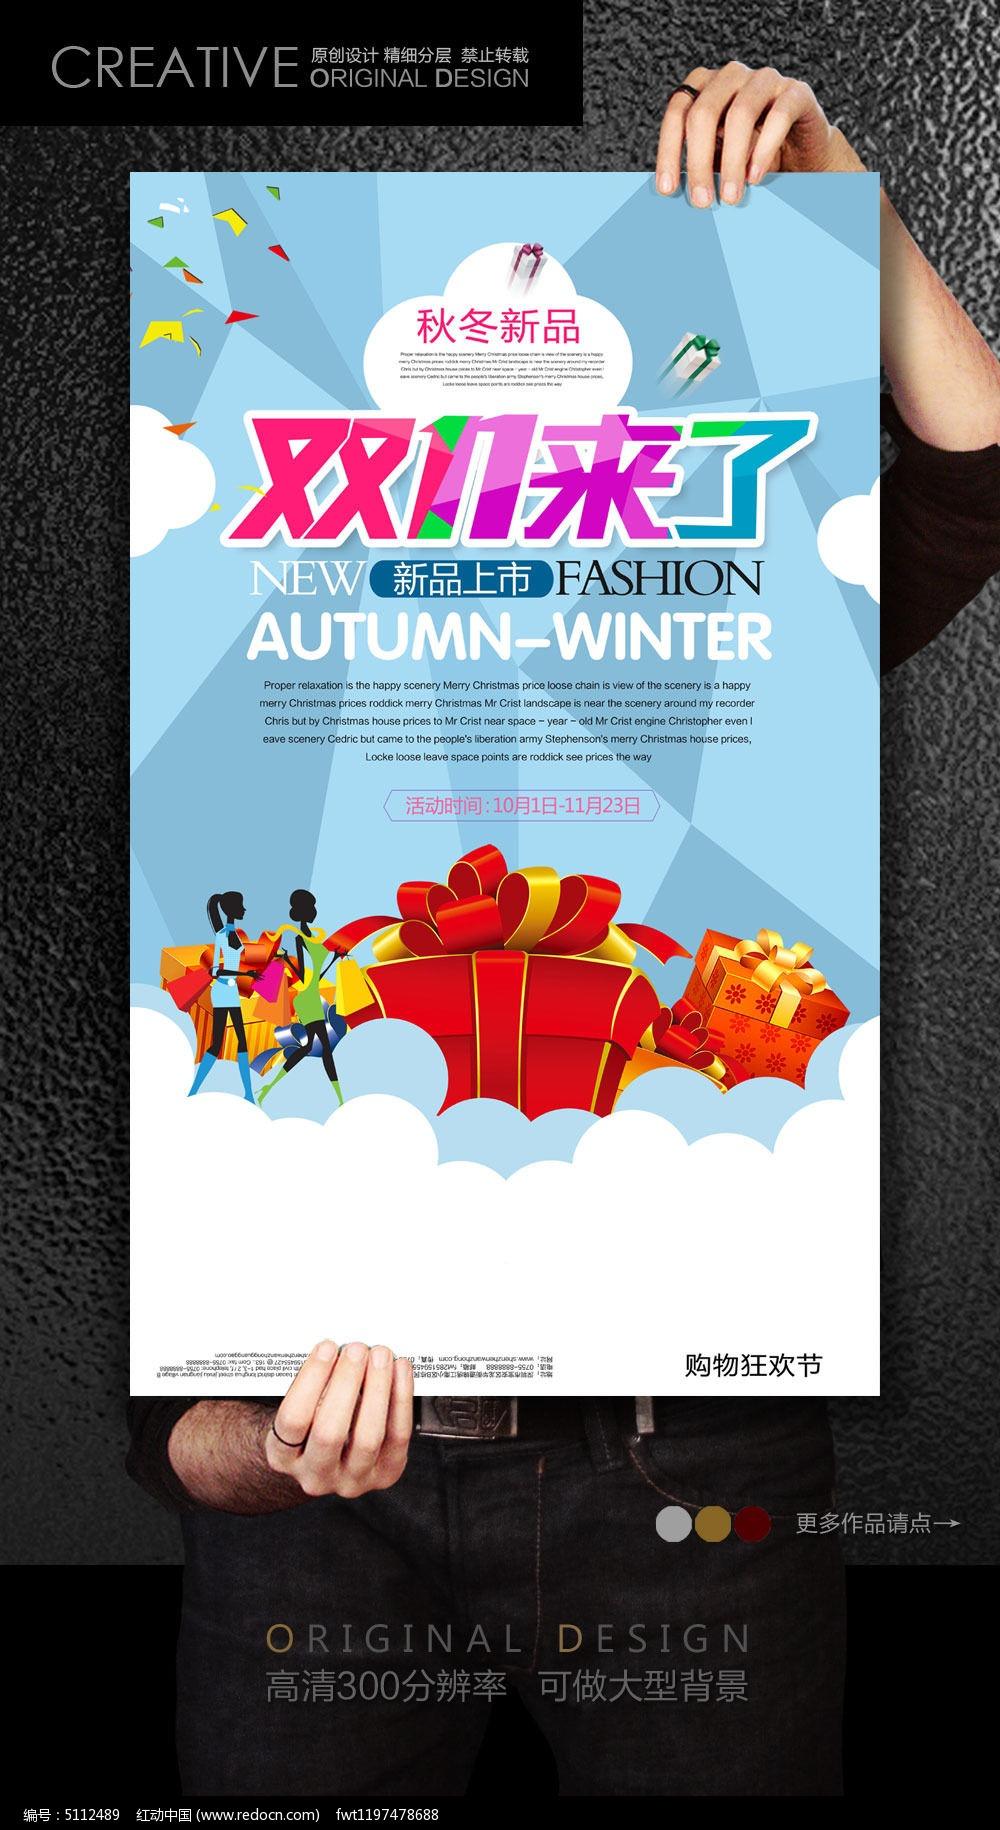 双11送礼活动促销海报图片